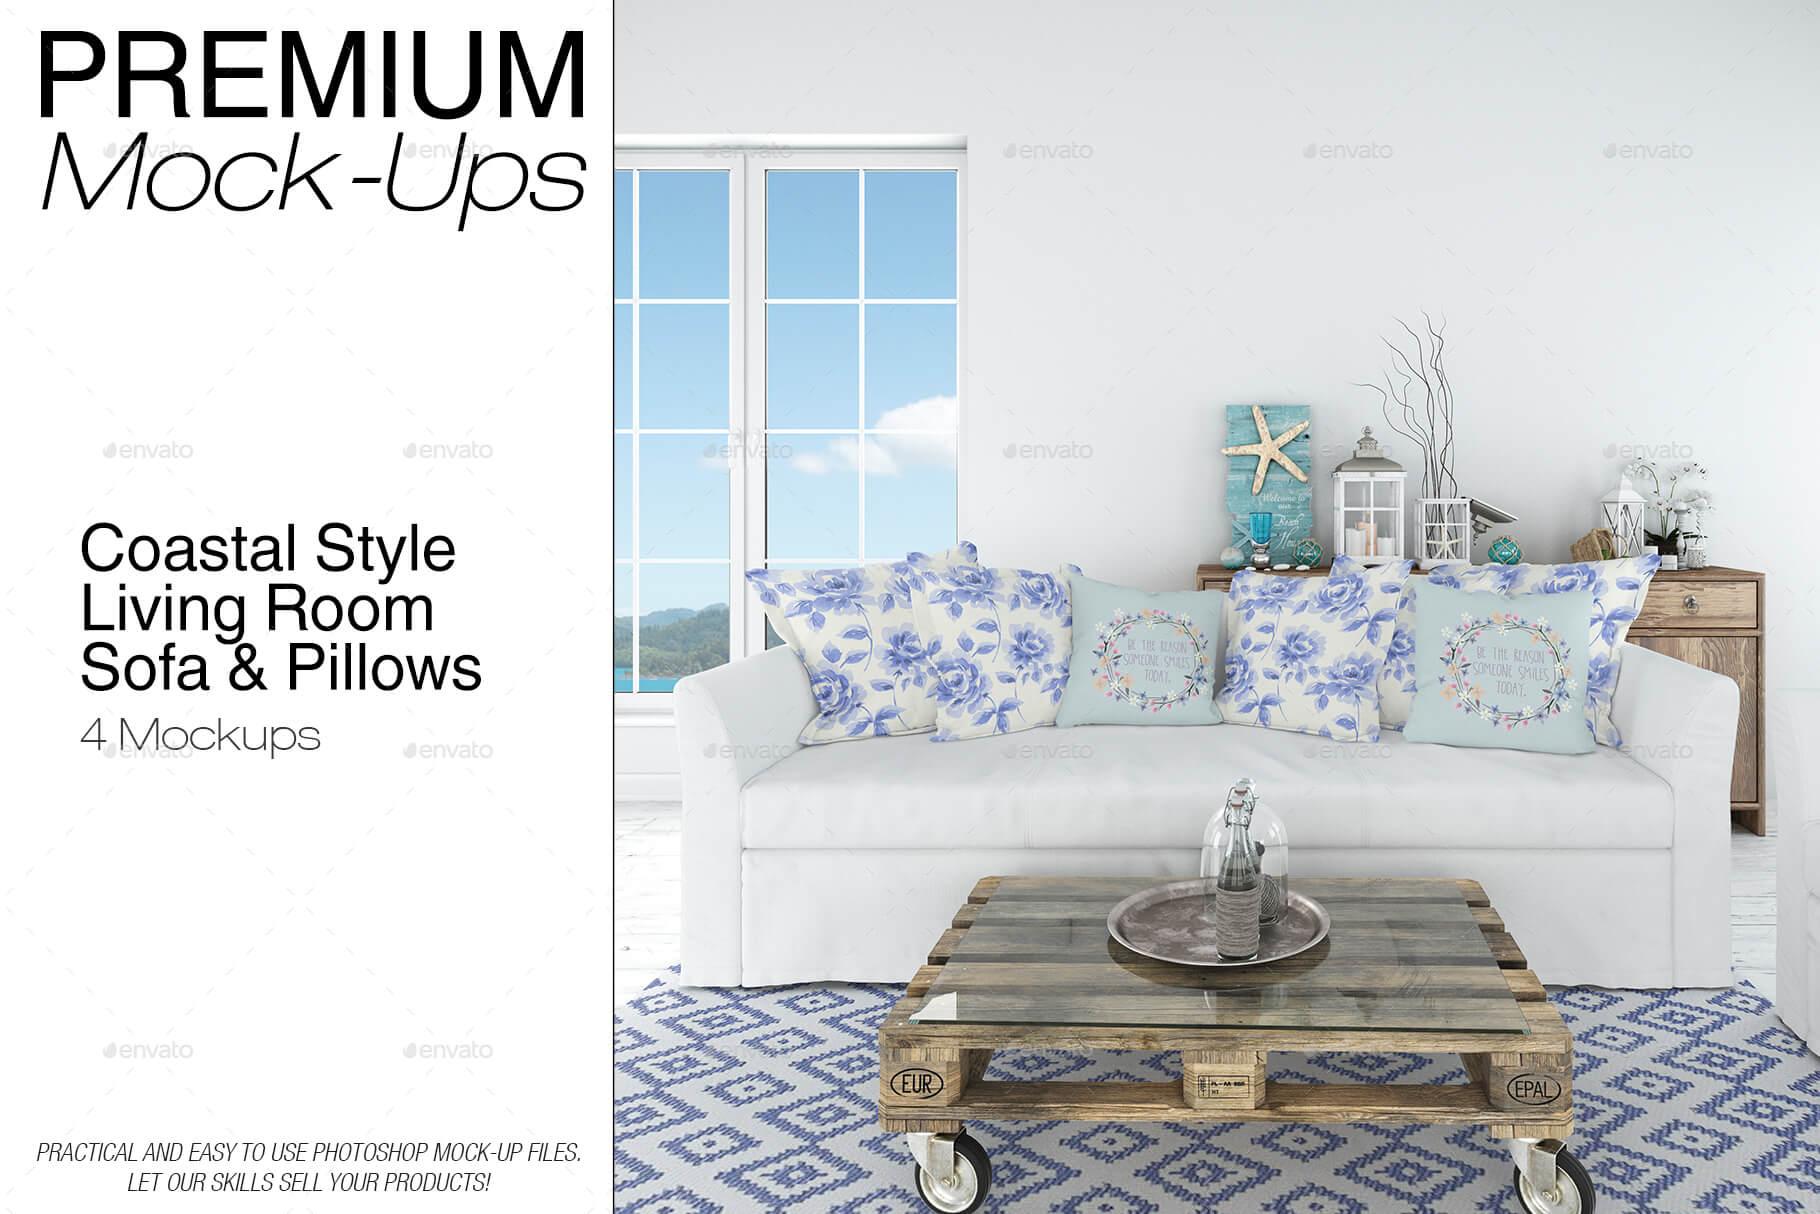 Sofa & Pillows Set - Coastal Style (1)